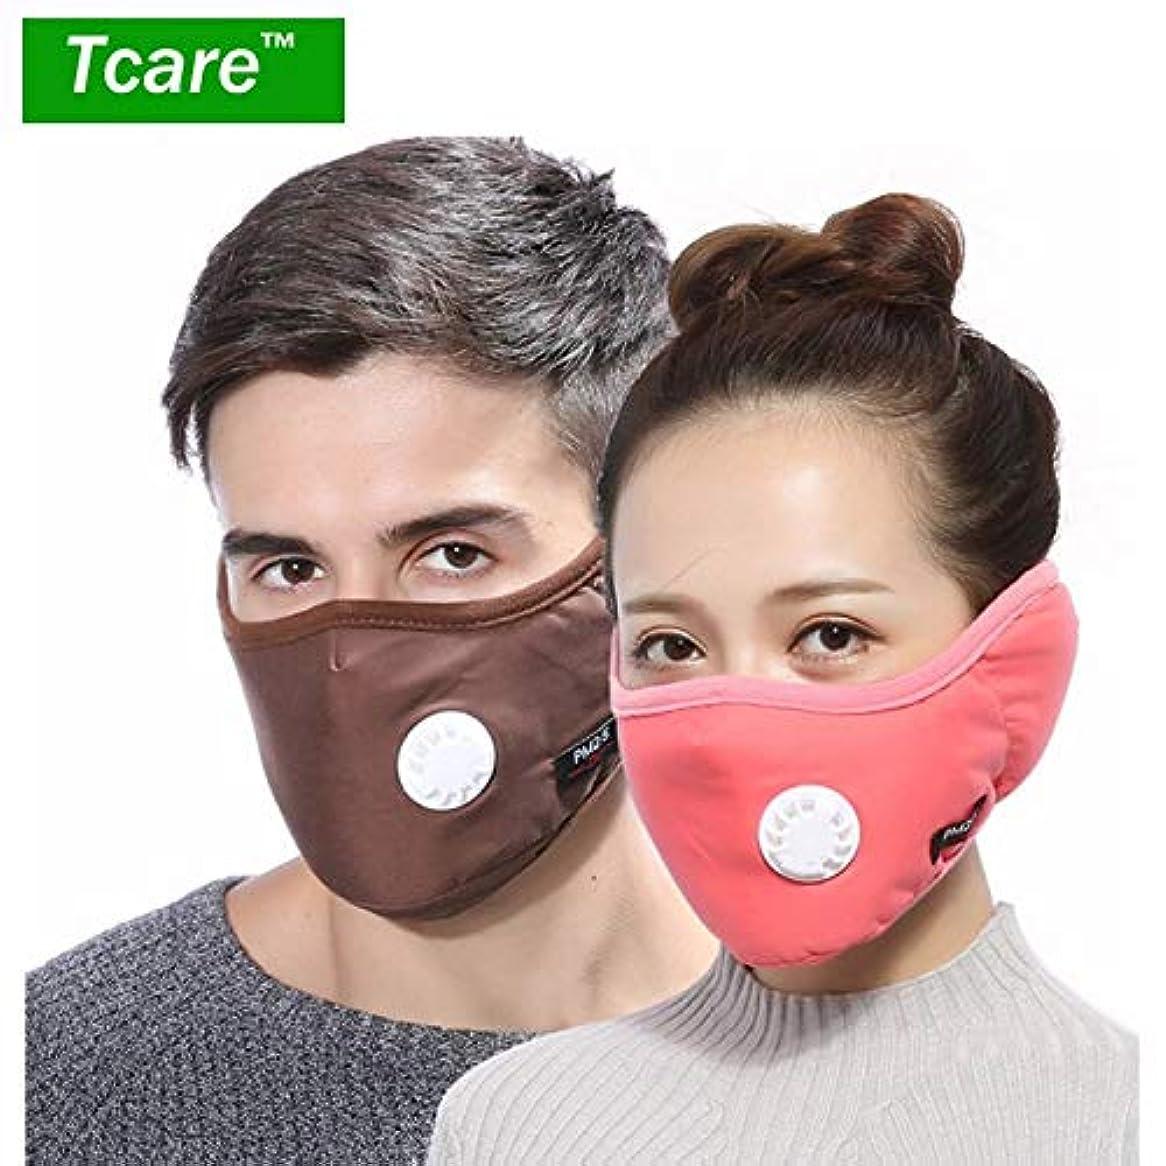 誤解させる疑い注入4レッド:1 PM2.5マスクバルブコットンアンチダスト口マスクの冬のイヤーマフActtedフィルター付マスクでTcare 2